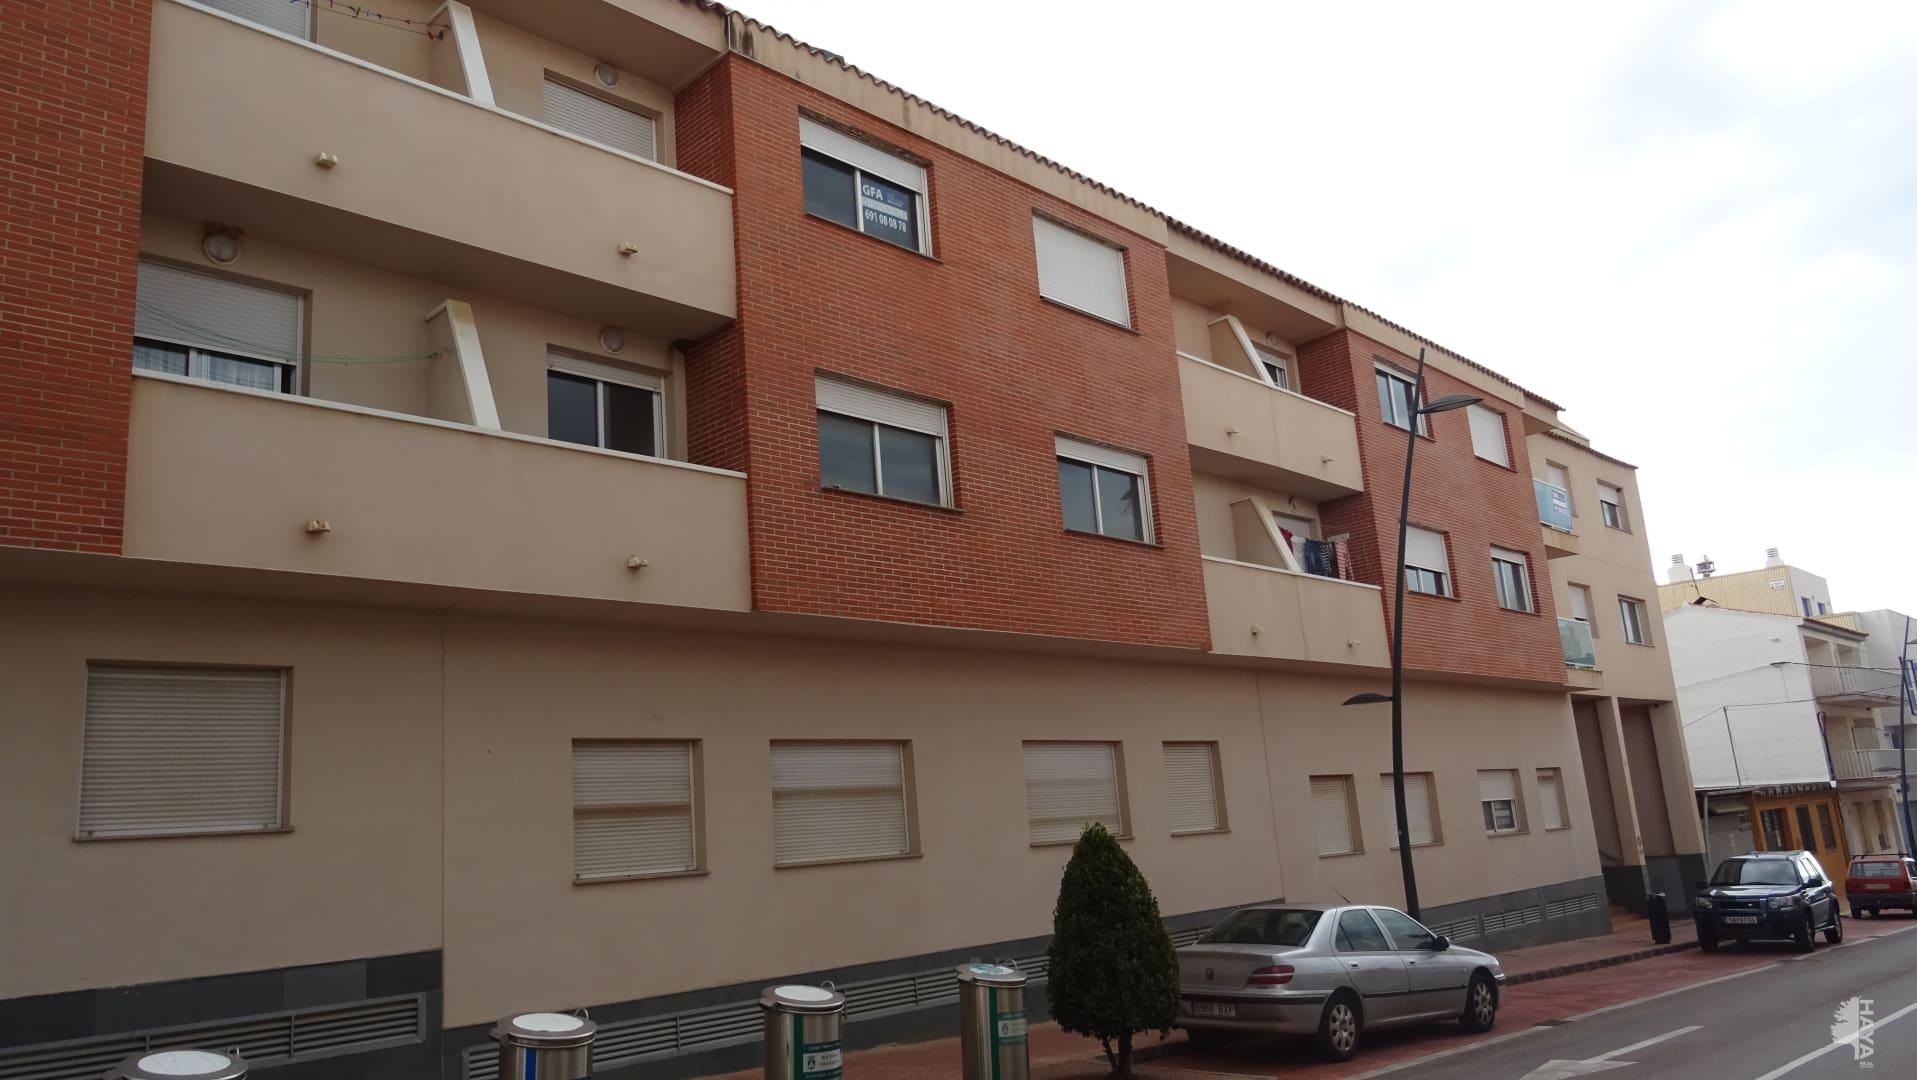 Piso en venta en Torreblanca, Castellón, Calle Colon, 69.000 €, 3 habitaciones, 2 baños, 106 m2